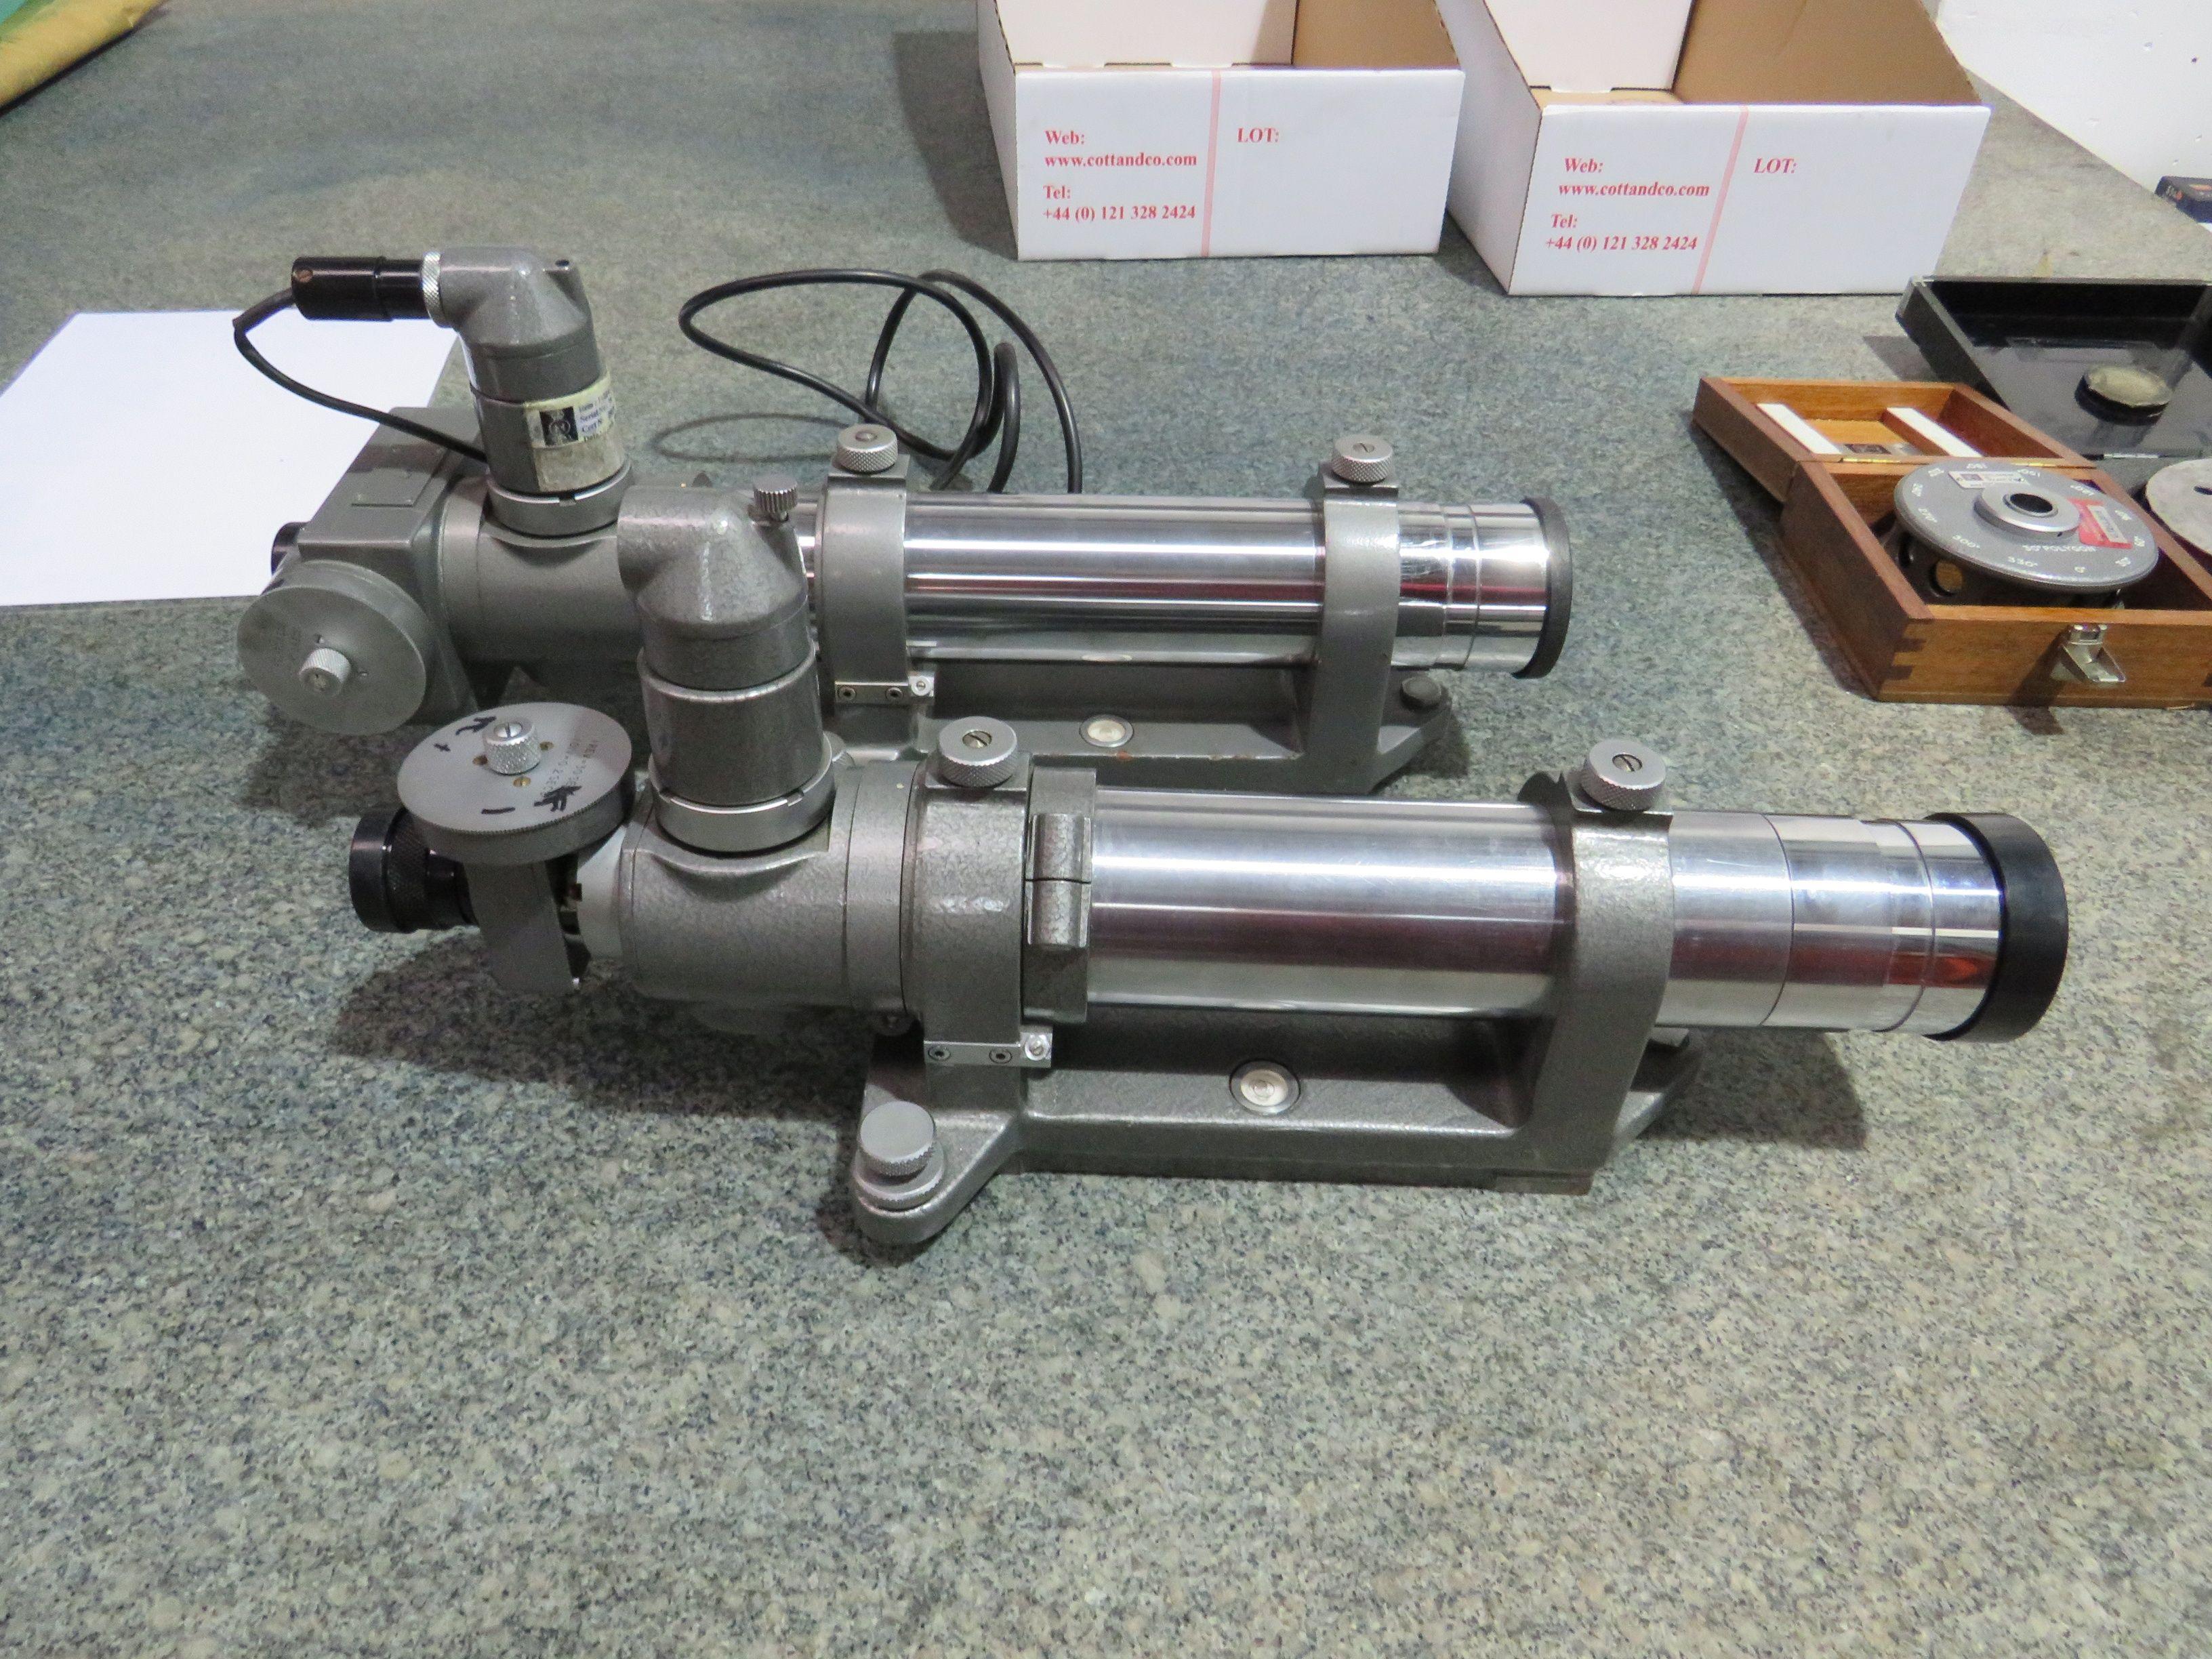 Hilger & amp; Watt Auto Kollimator